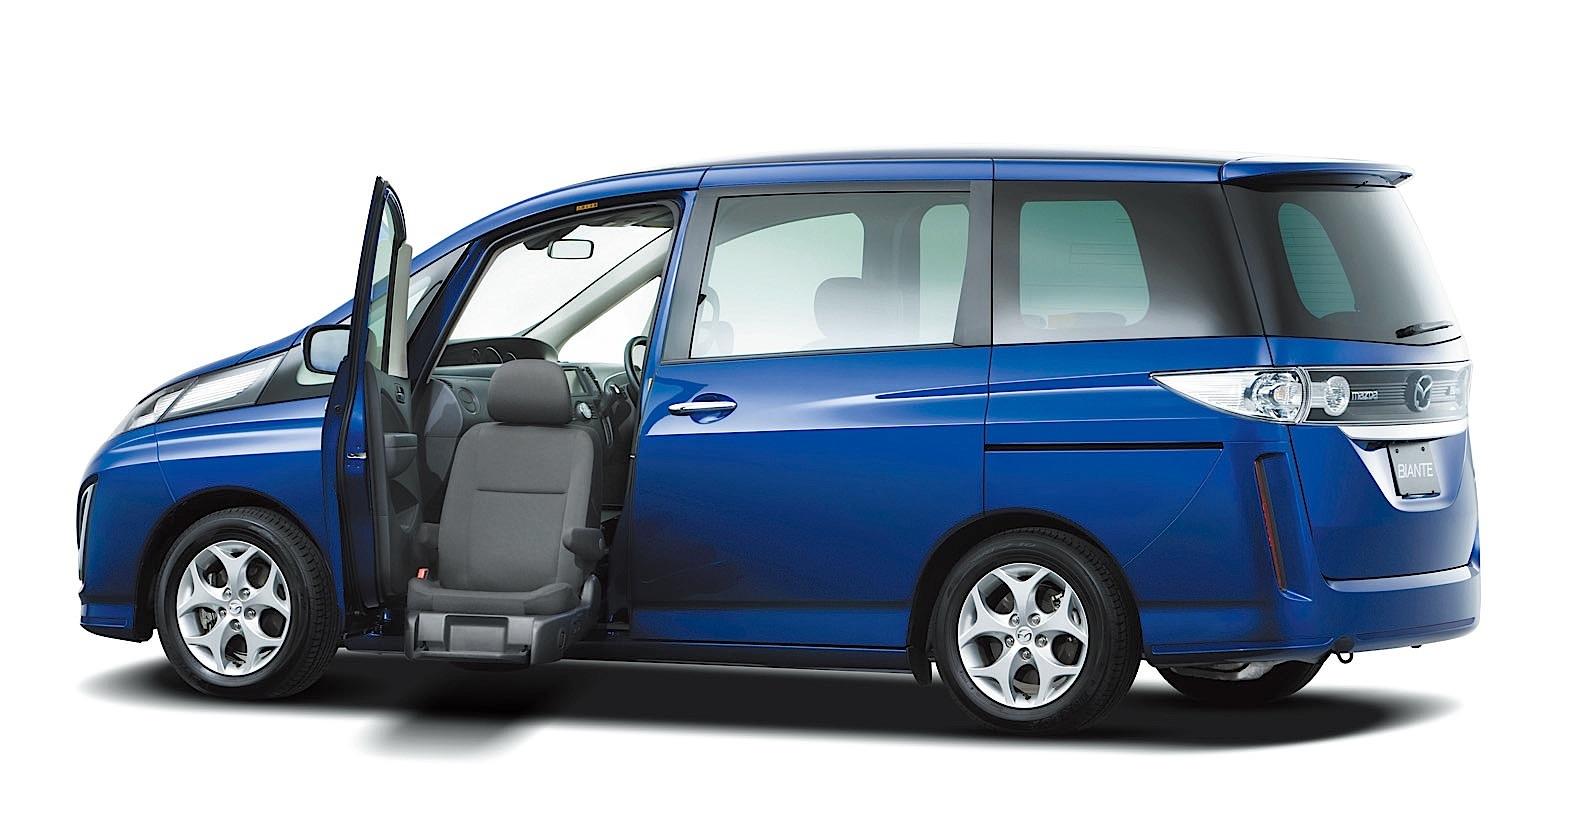 Mazda Biante Specs 2008 2009 2010 2011 2012 2013 2014 2015 2016 2017 2018